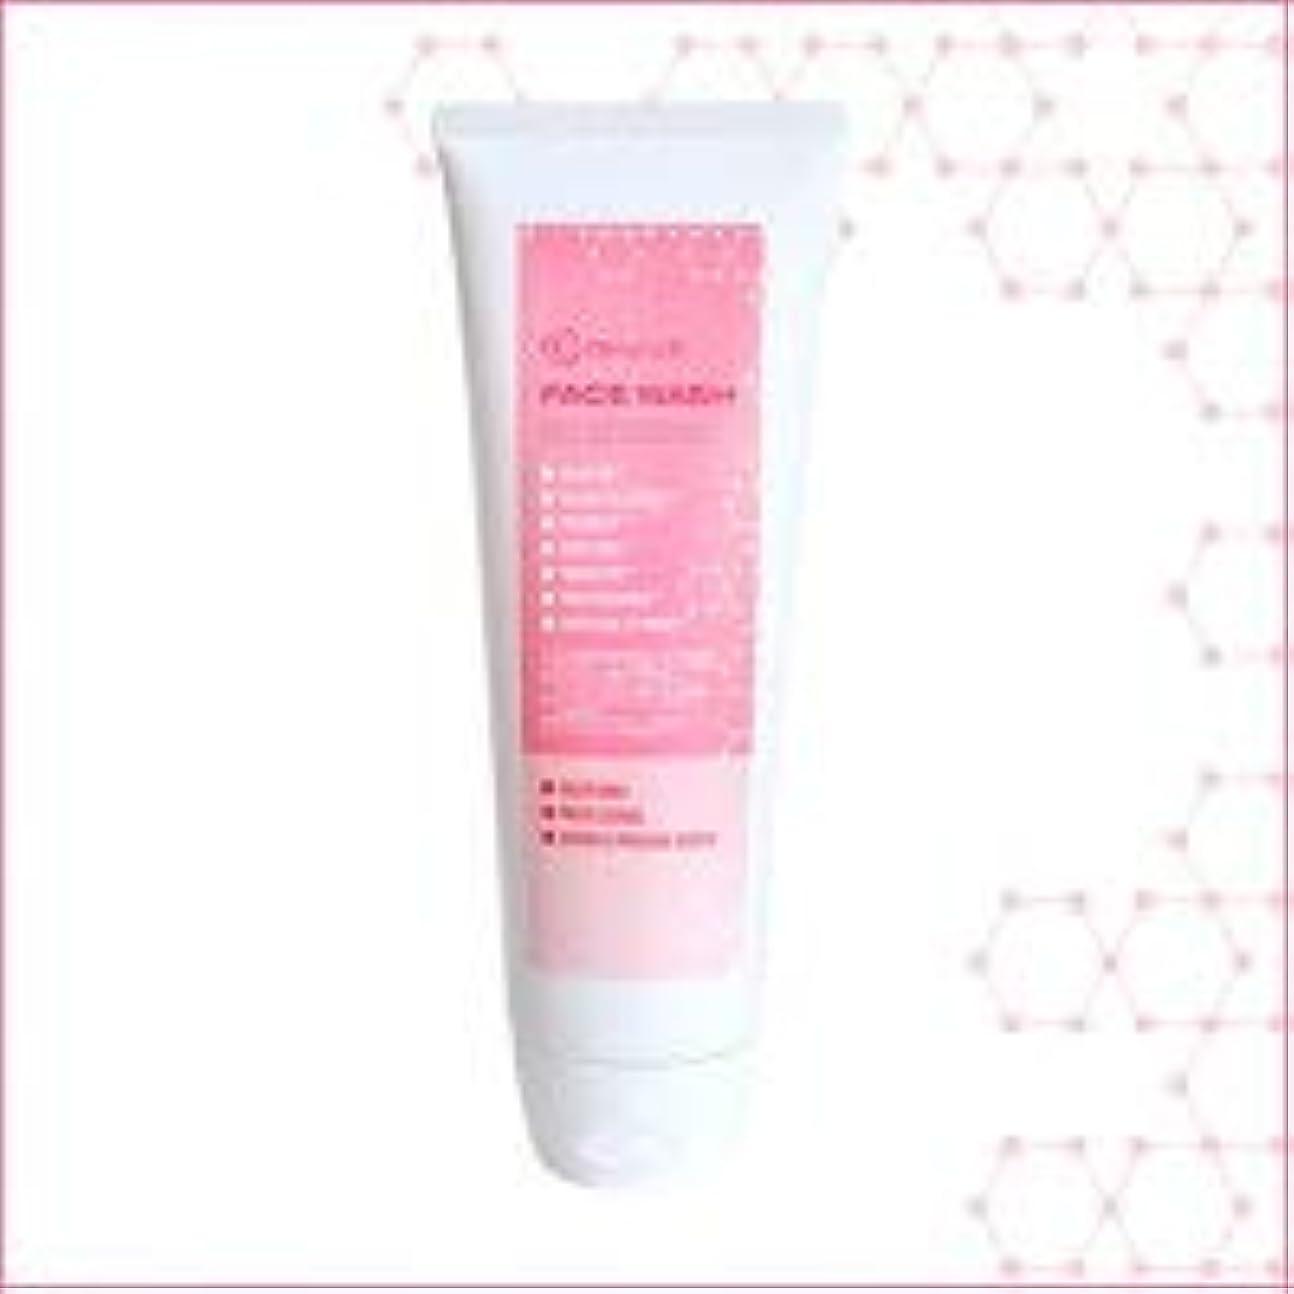 スローガン面アセンブリceruru.b/セルル 業務用フェイスウォッシュ 洗顔料 230g